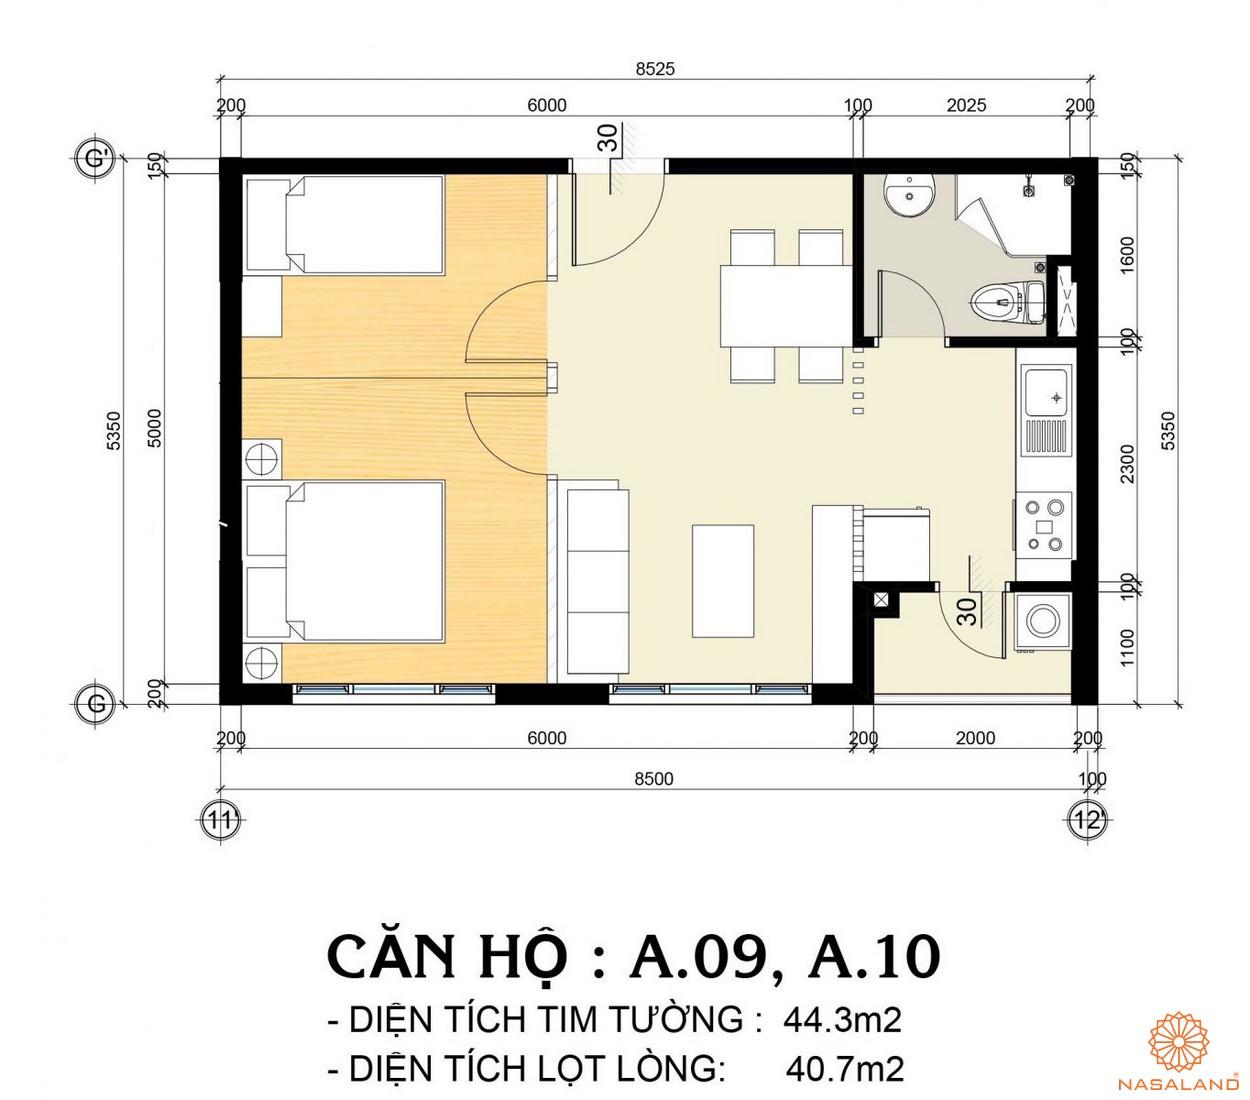 Mặt bằng căn hộ A.09 và A.10